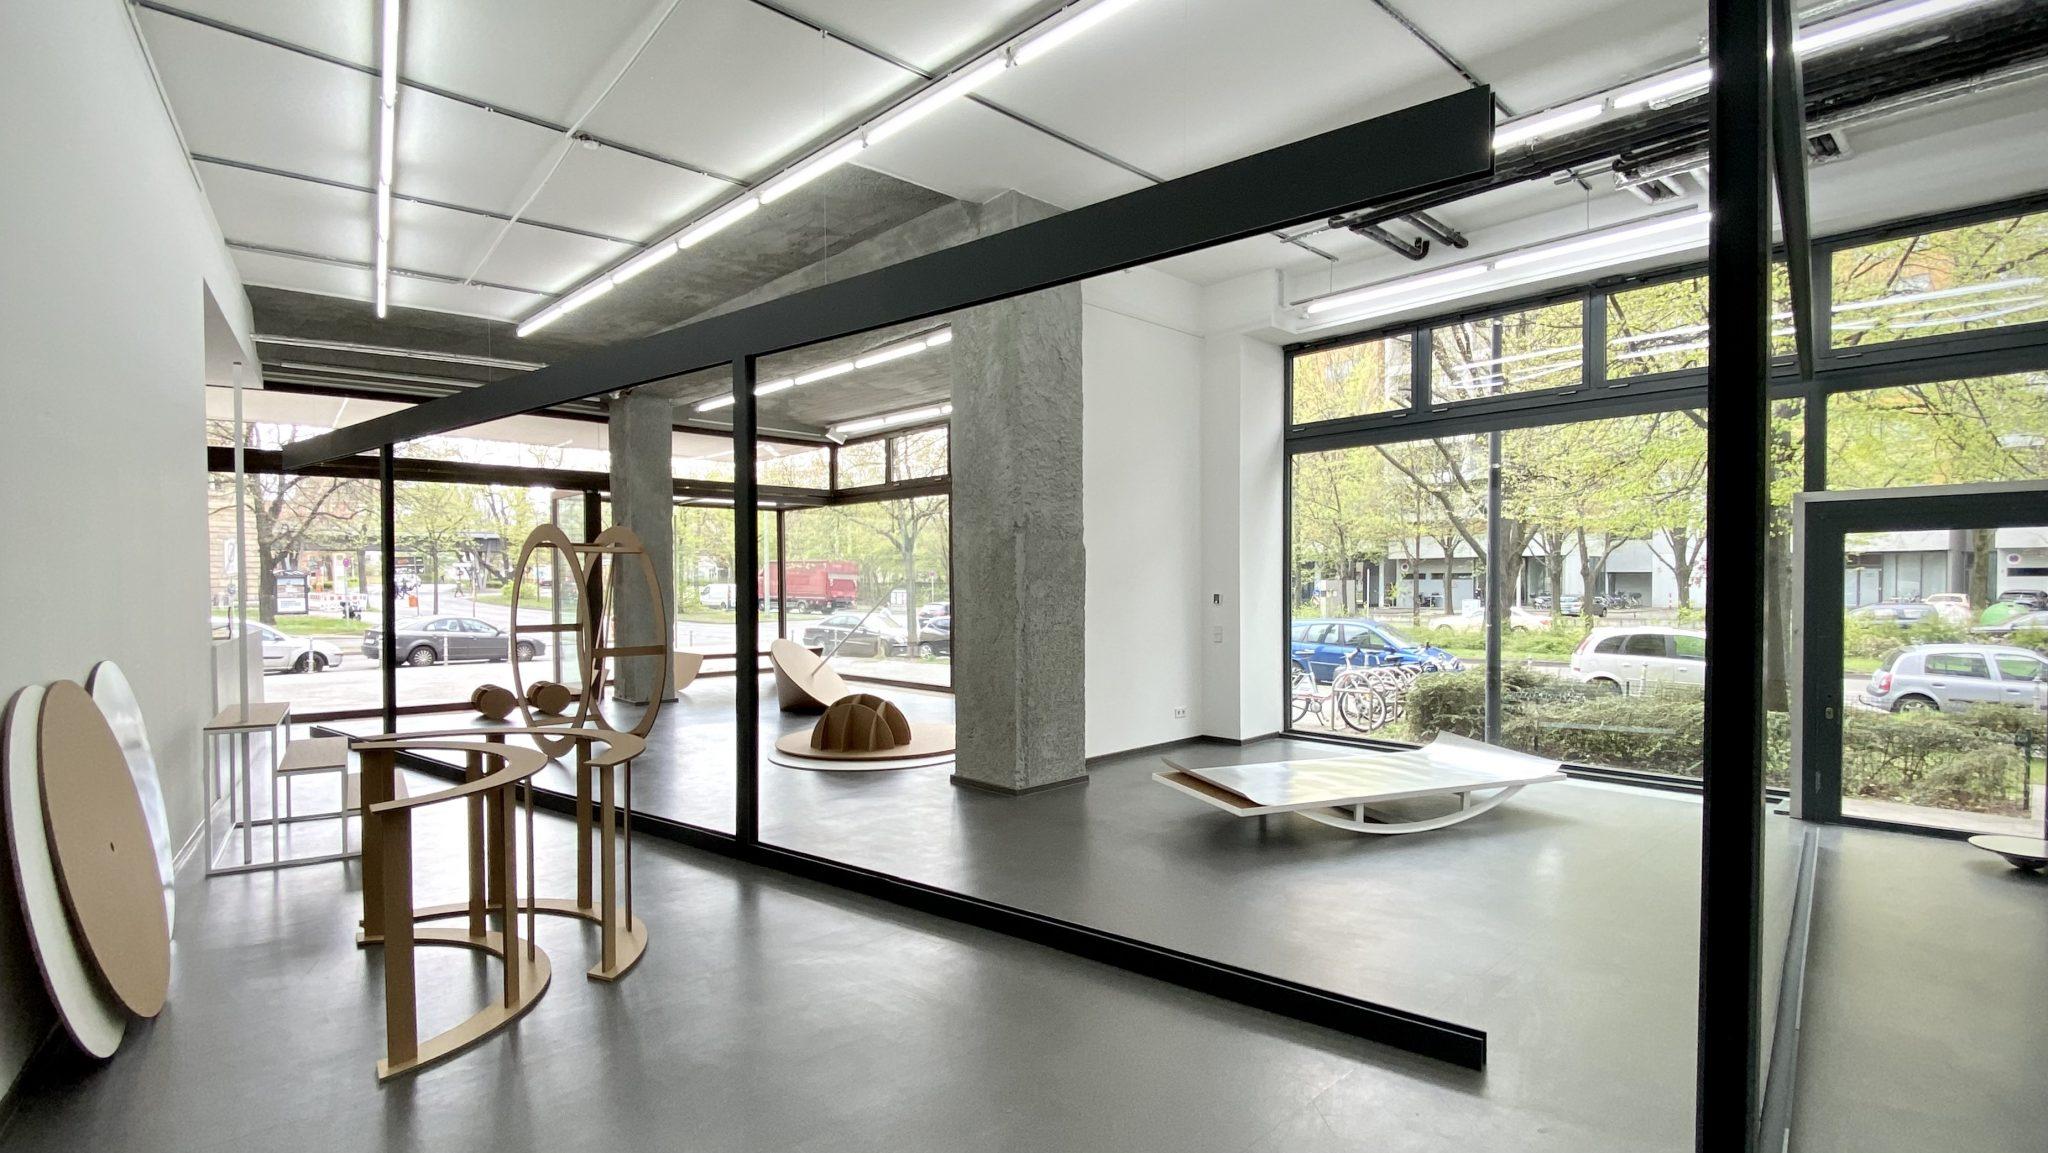 Susanne Lorenz / Tilman Wendland Rotation Rebound / VG Bild Kunst, Bonn 2021